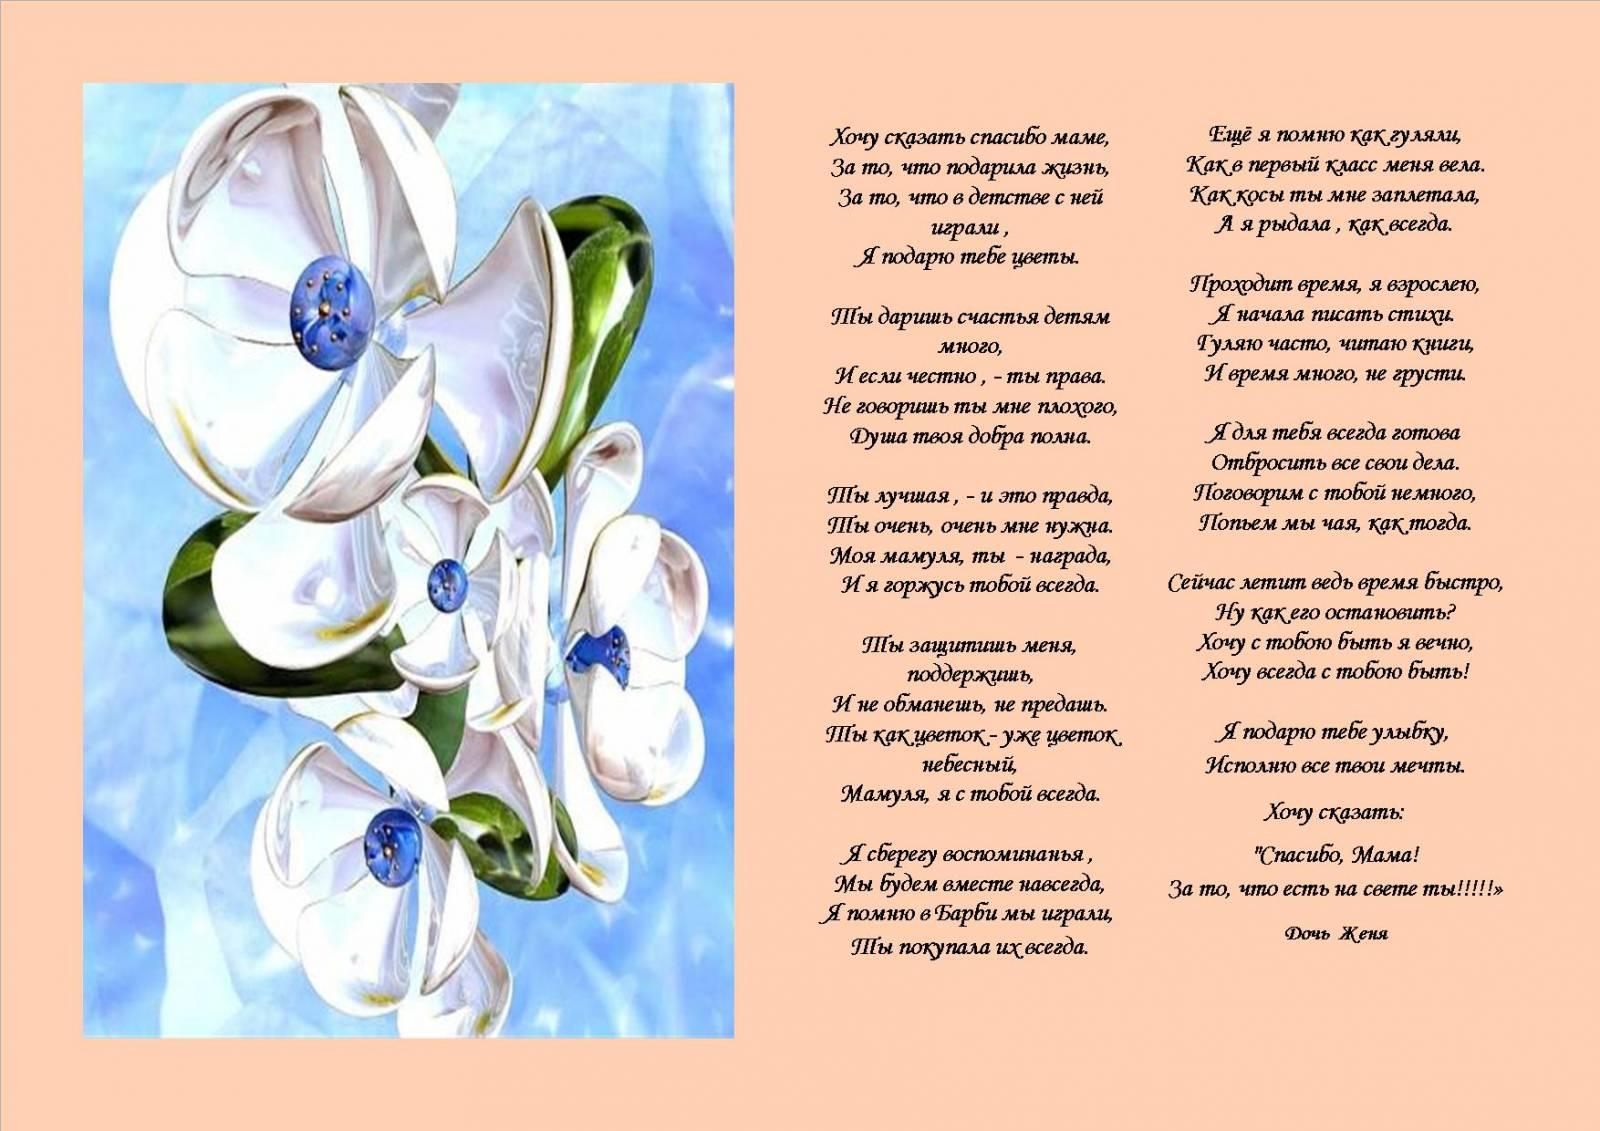 Поздравление с благодарностью для мамы - БезПодарков. ru 66